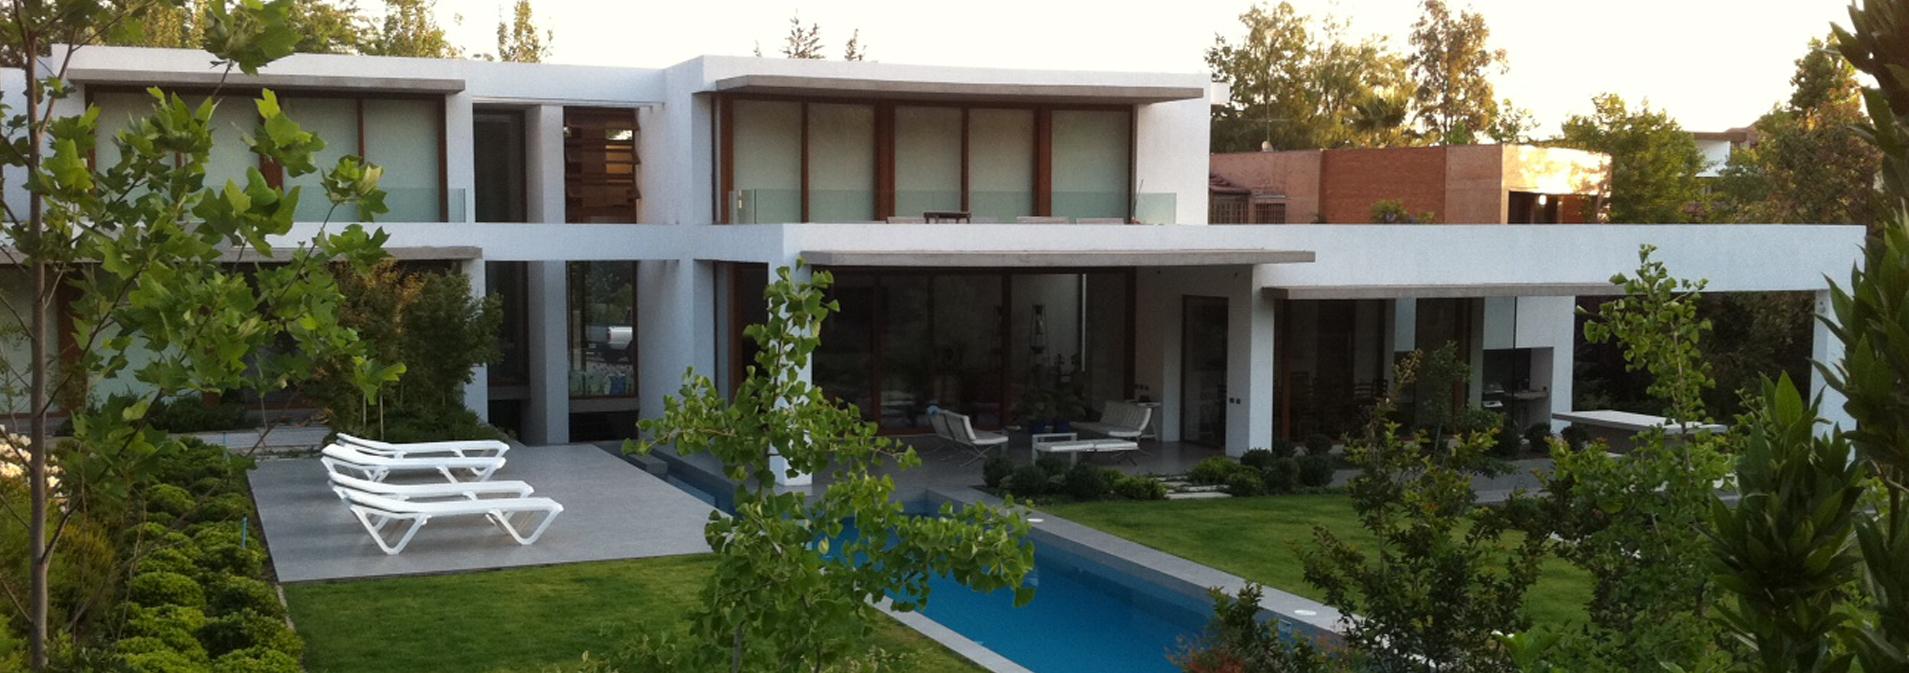 Casa LV, Vitacura, Santiago